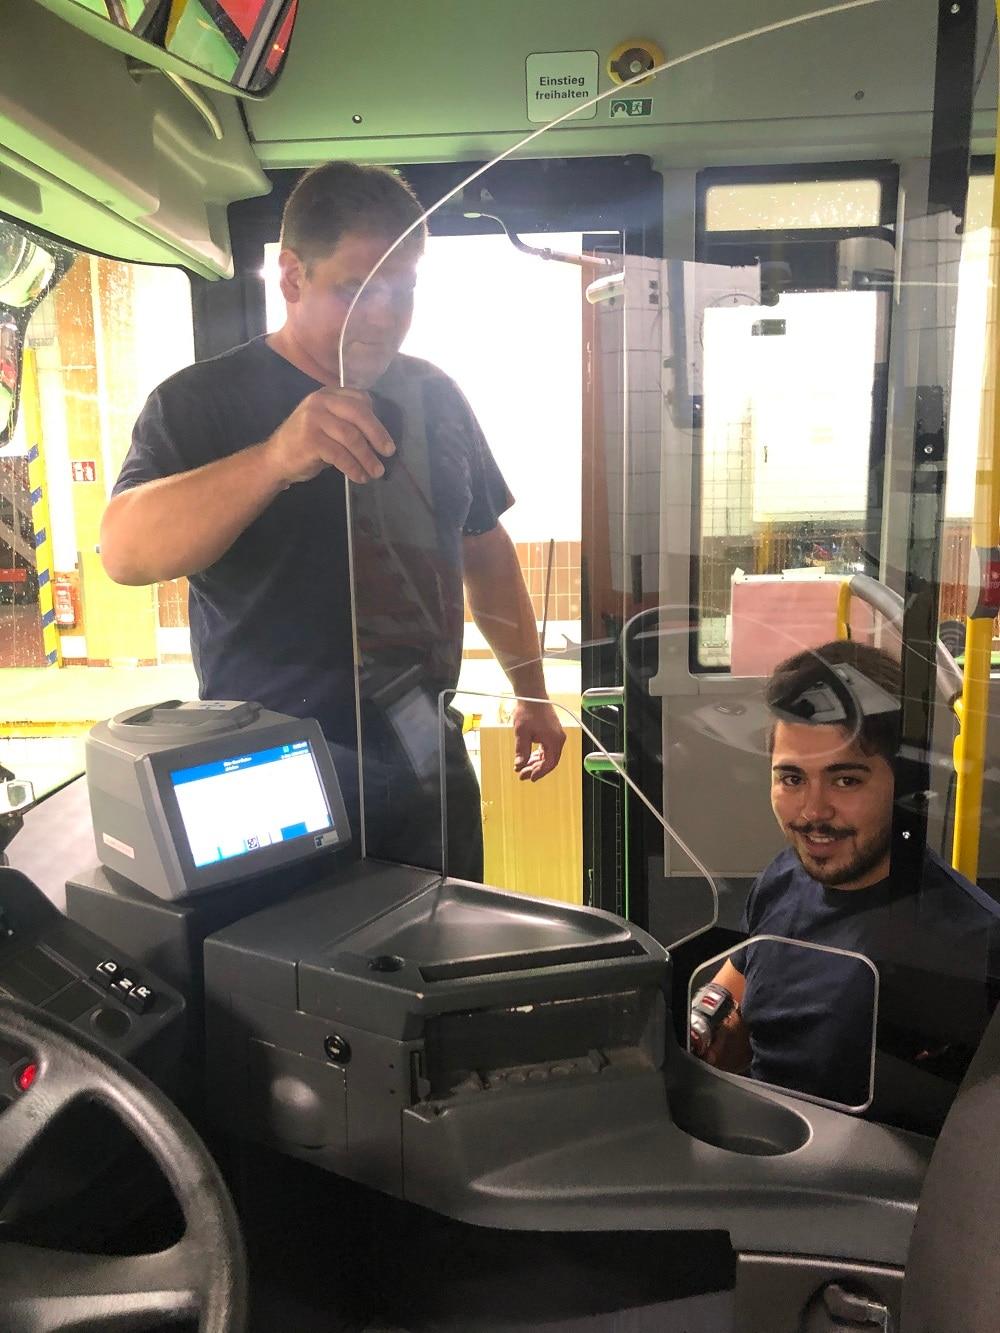 Einbau einer Schutzscheibe im Regio Bus